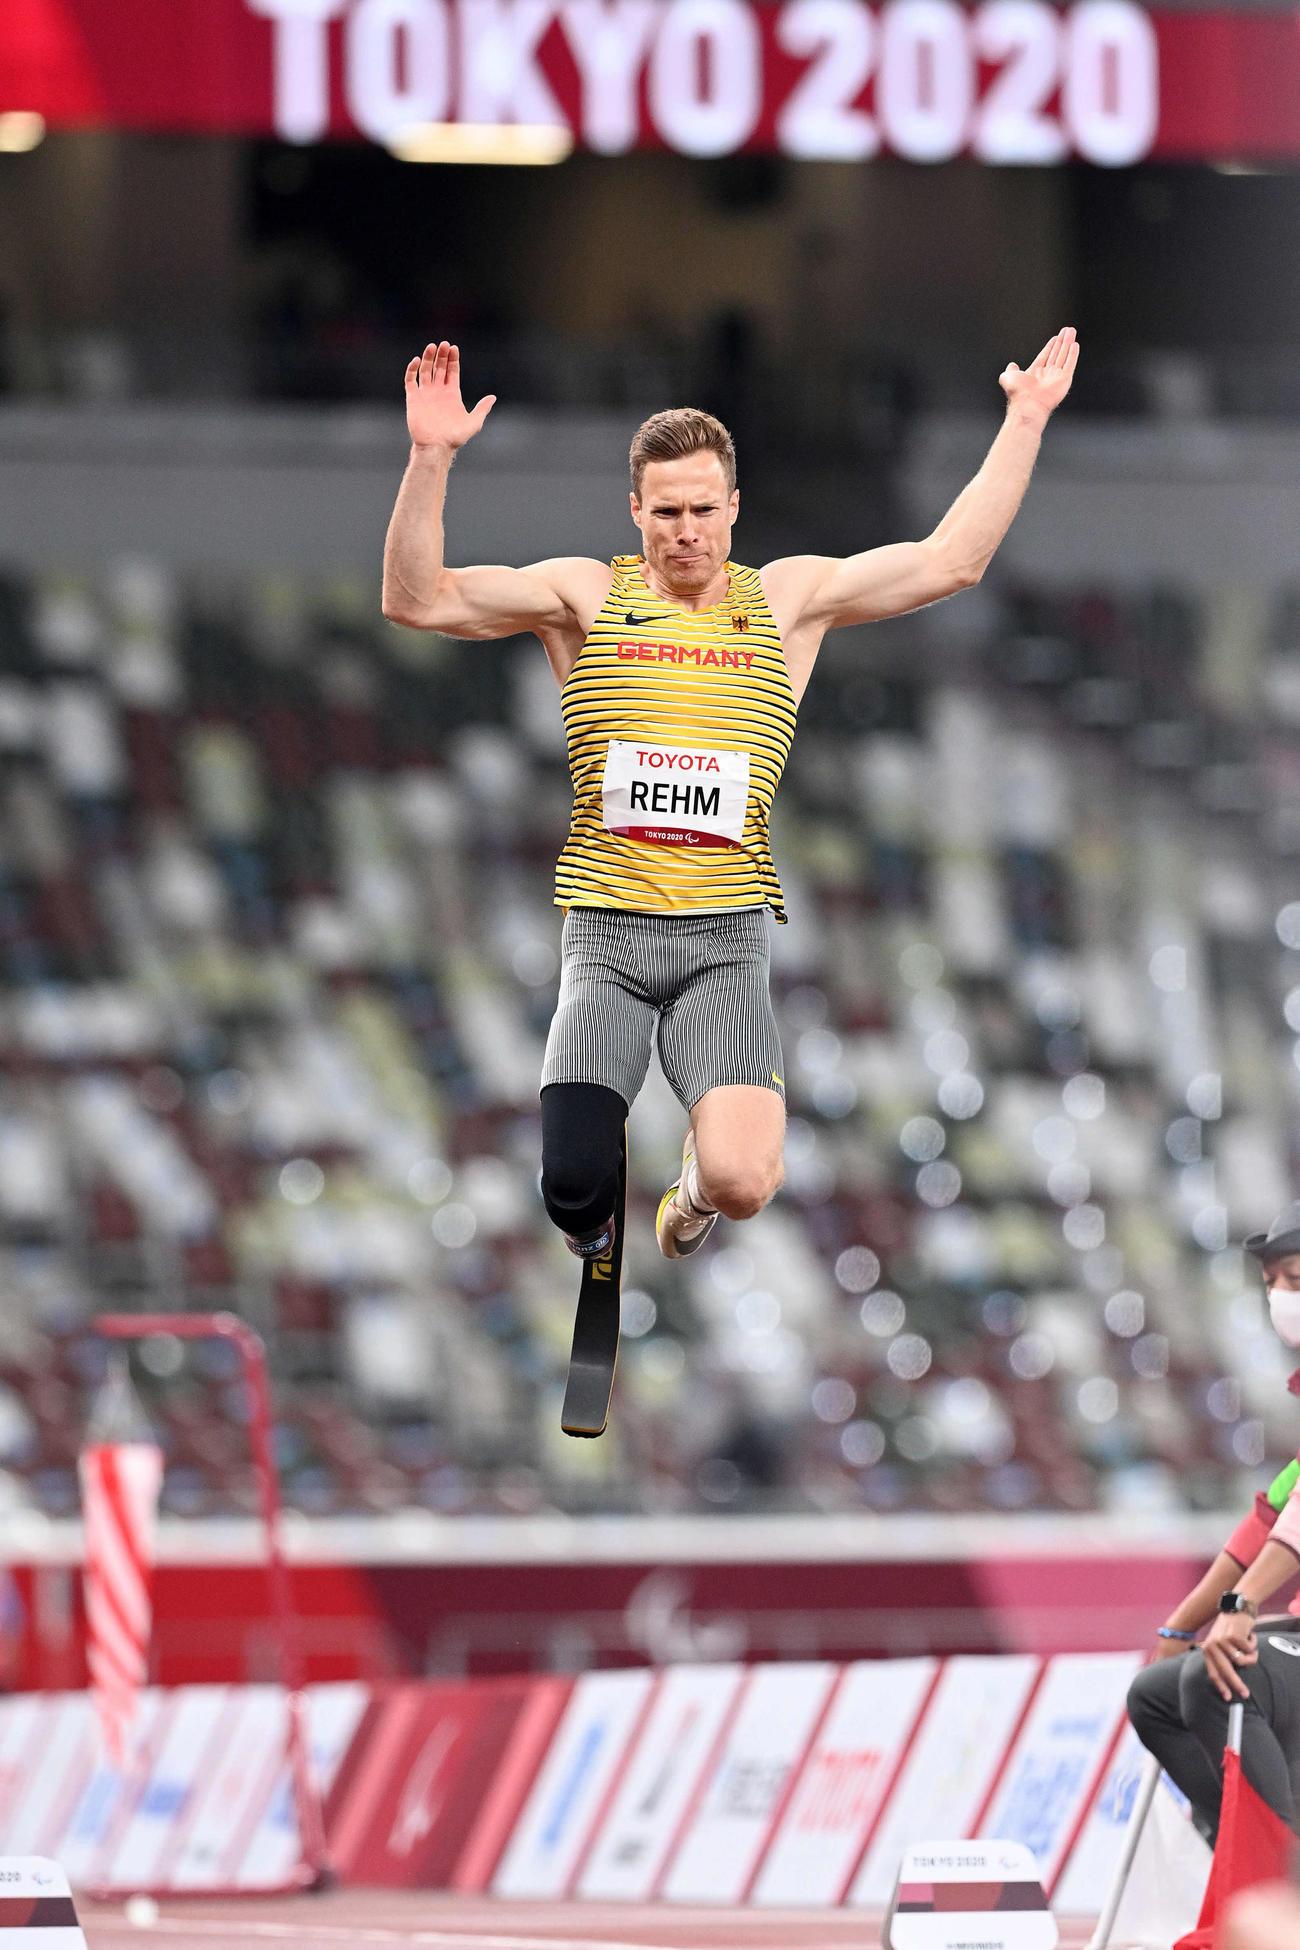 男子走り幅跳び1回目で跳躍するドイツのレーム(撮影・滝沢徹郎)